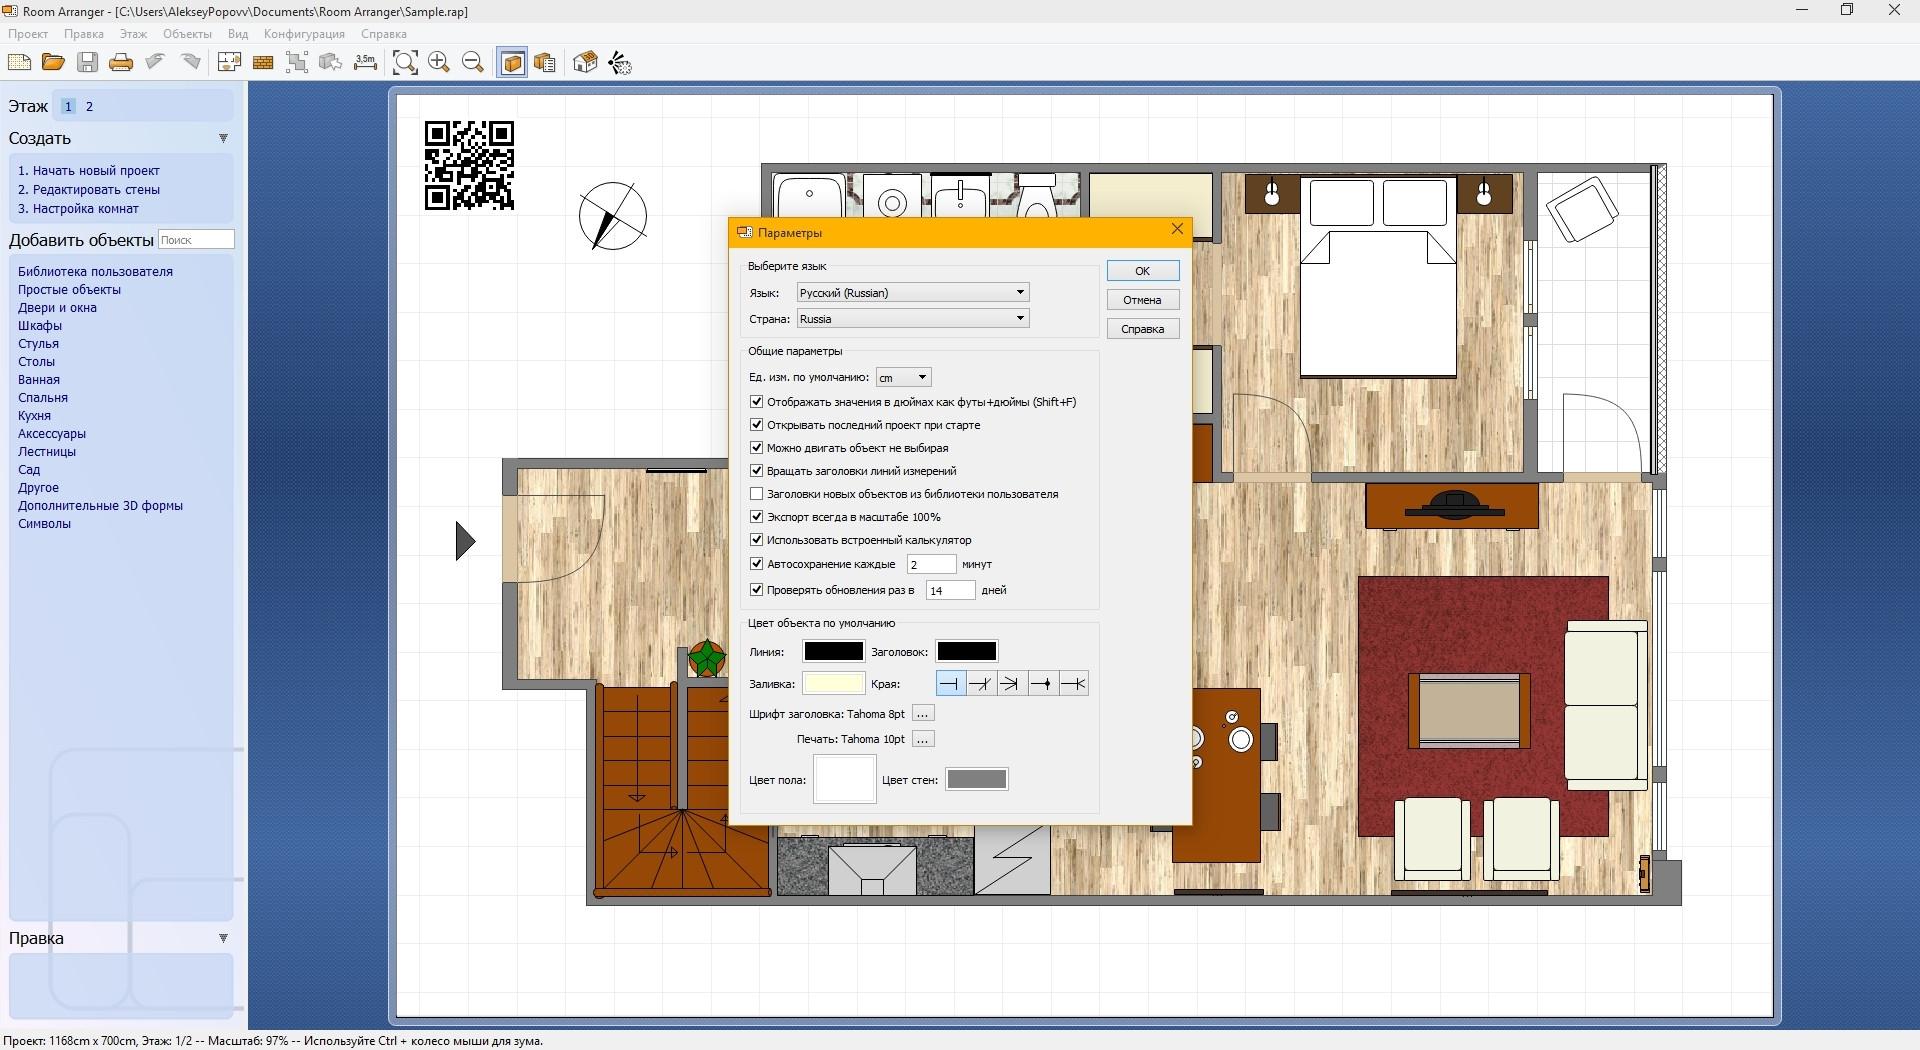 http://fs1.directupload.net/images/150202/xi6639cv.jpg